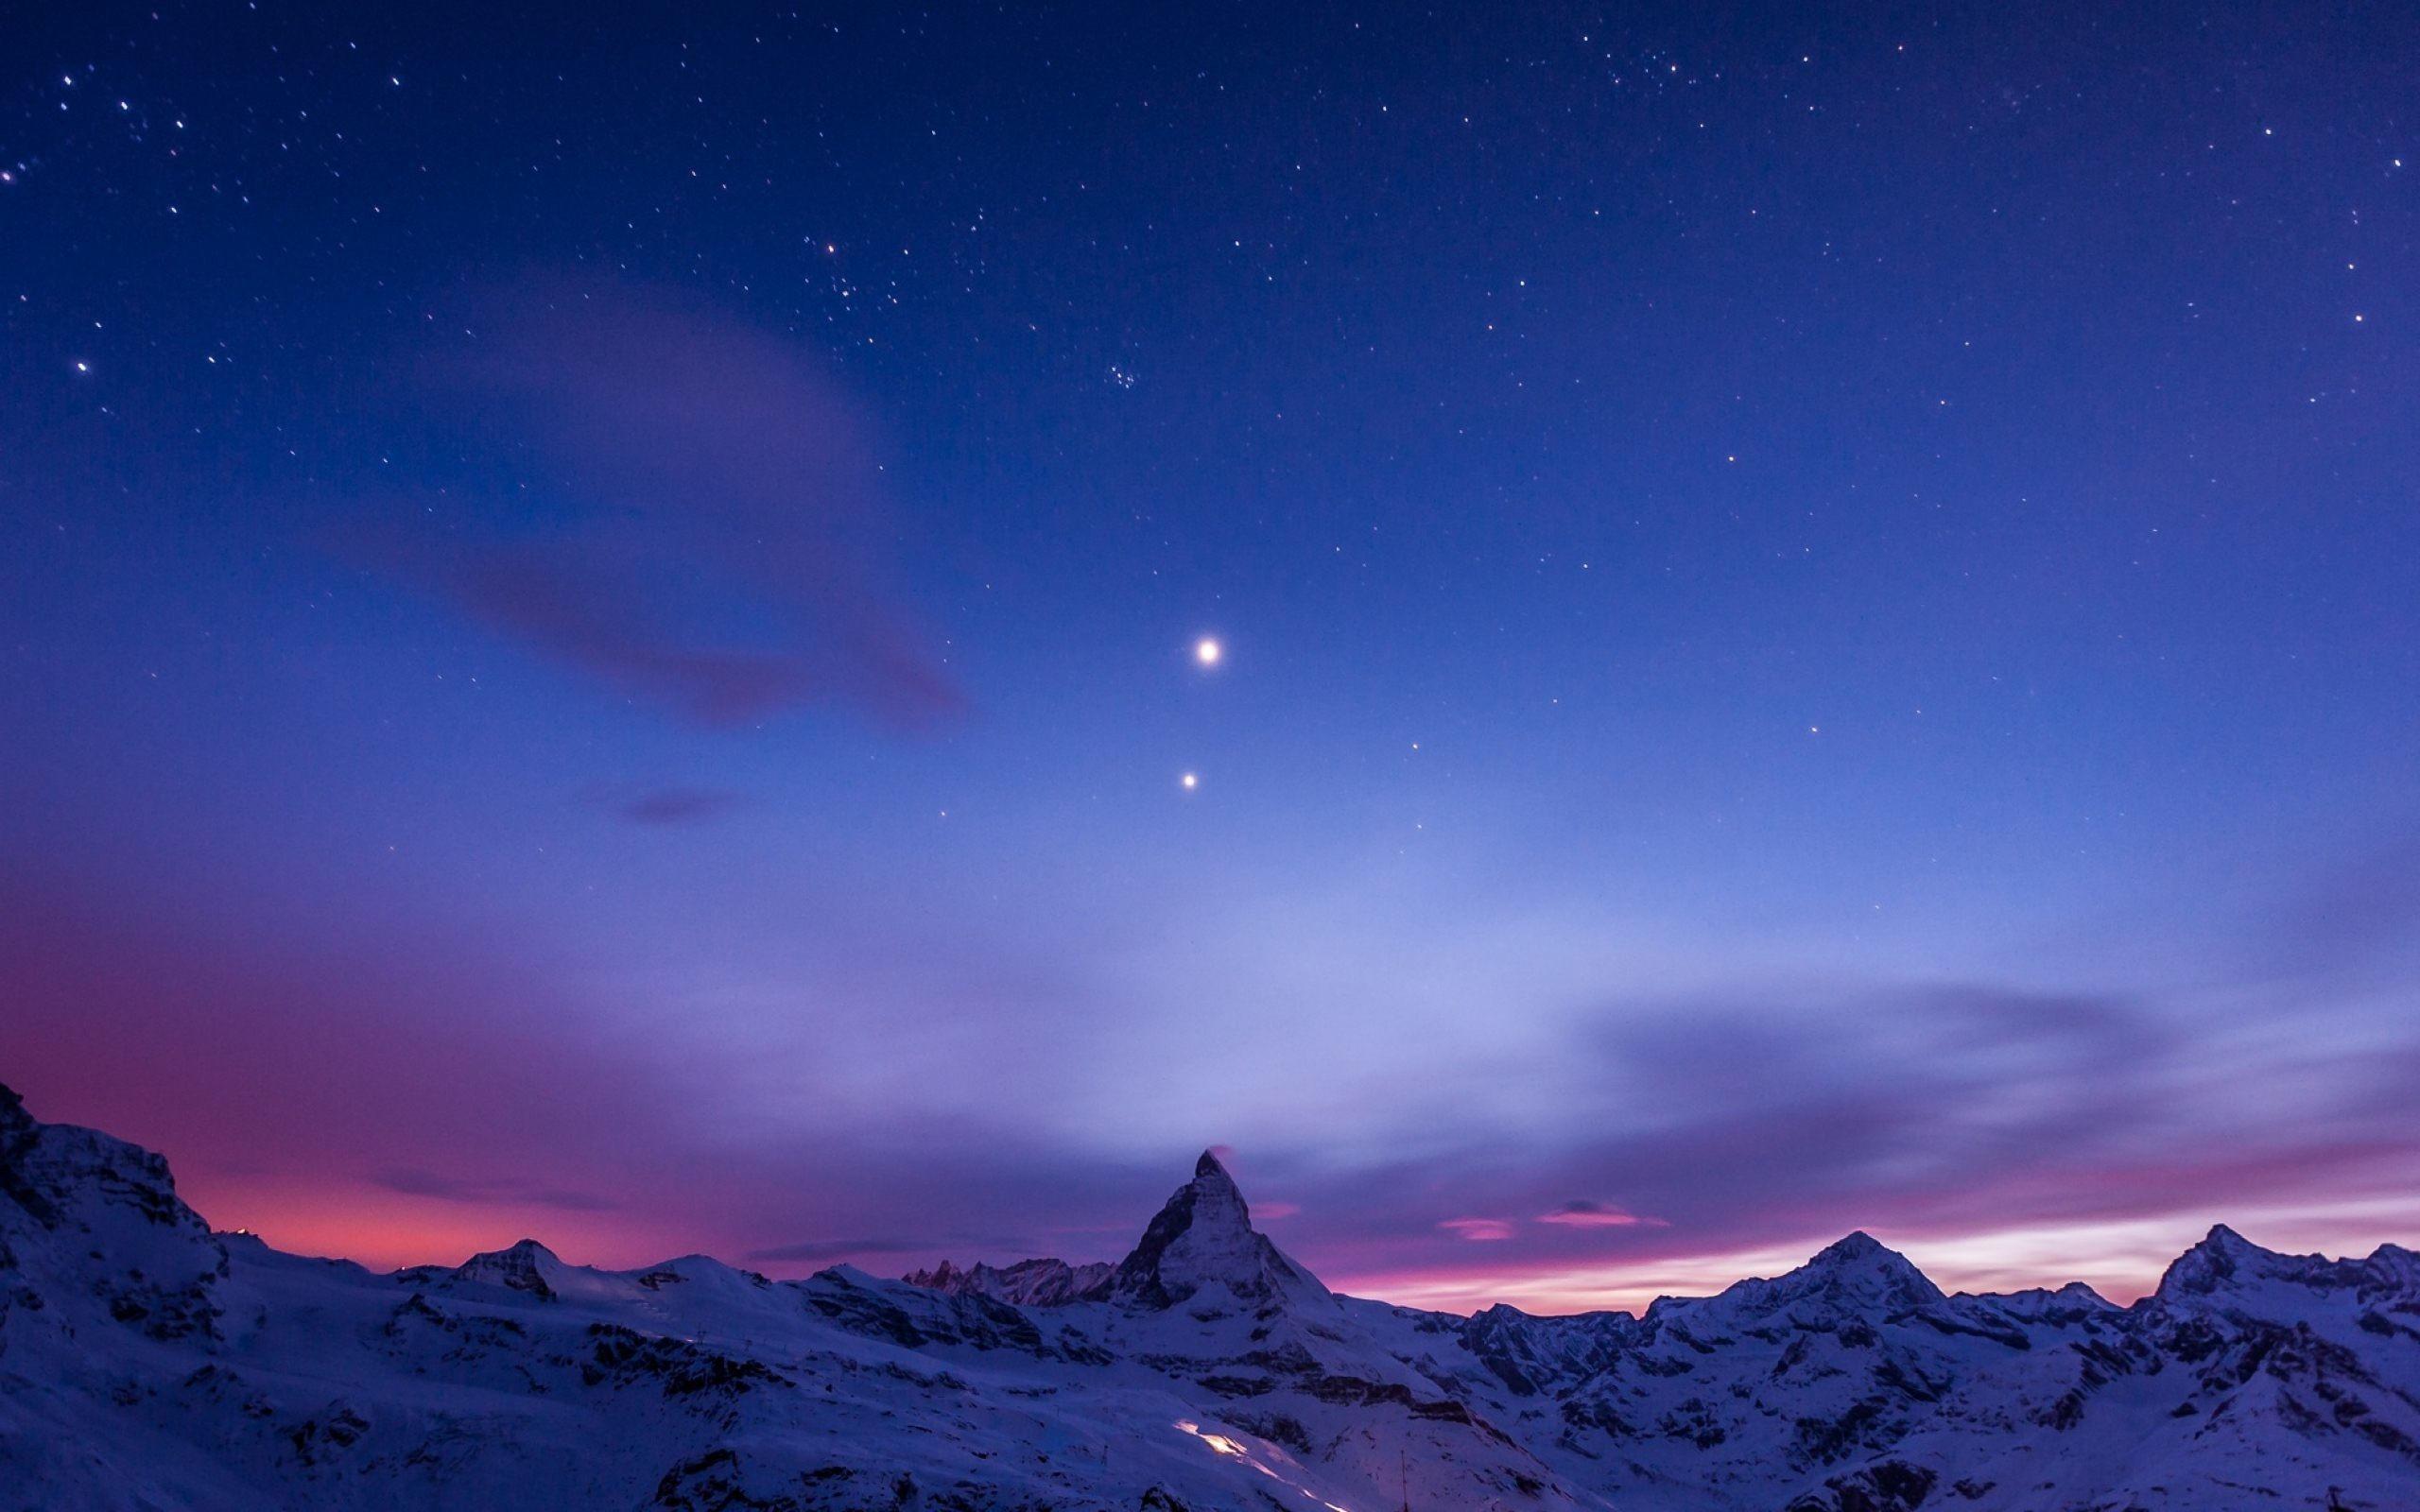 Sky Full Of Stars Night Wallpaper For Desktop, PC & Mobile